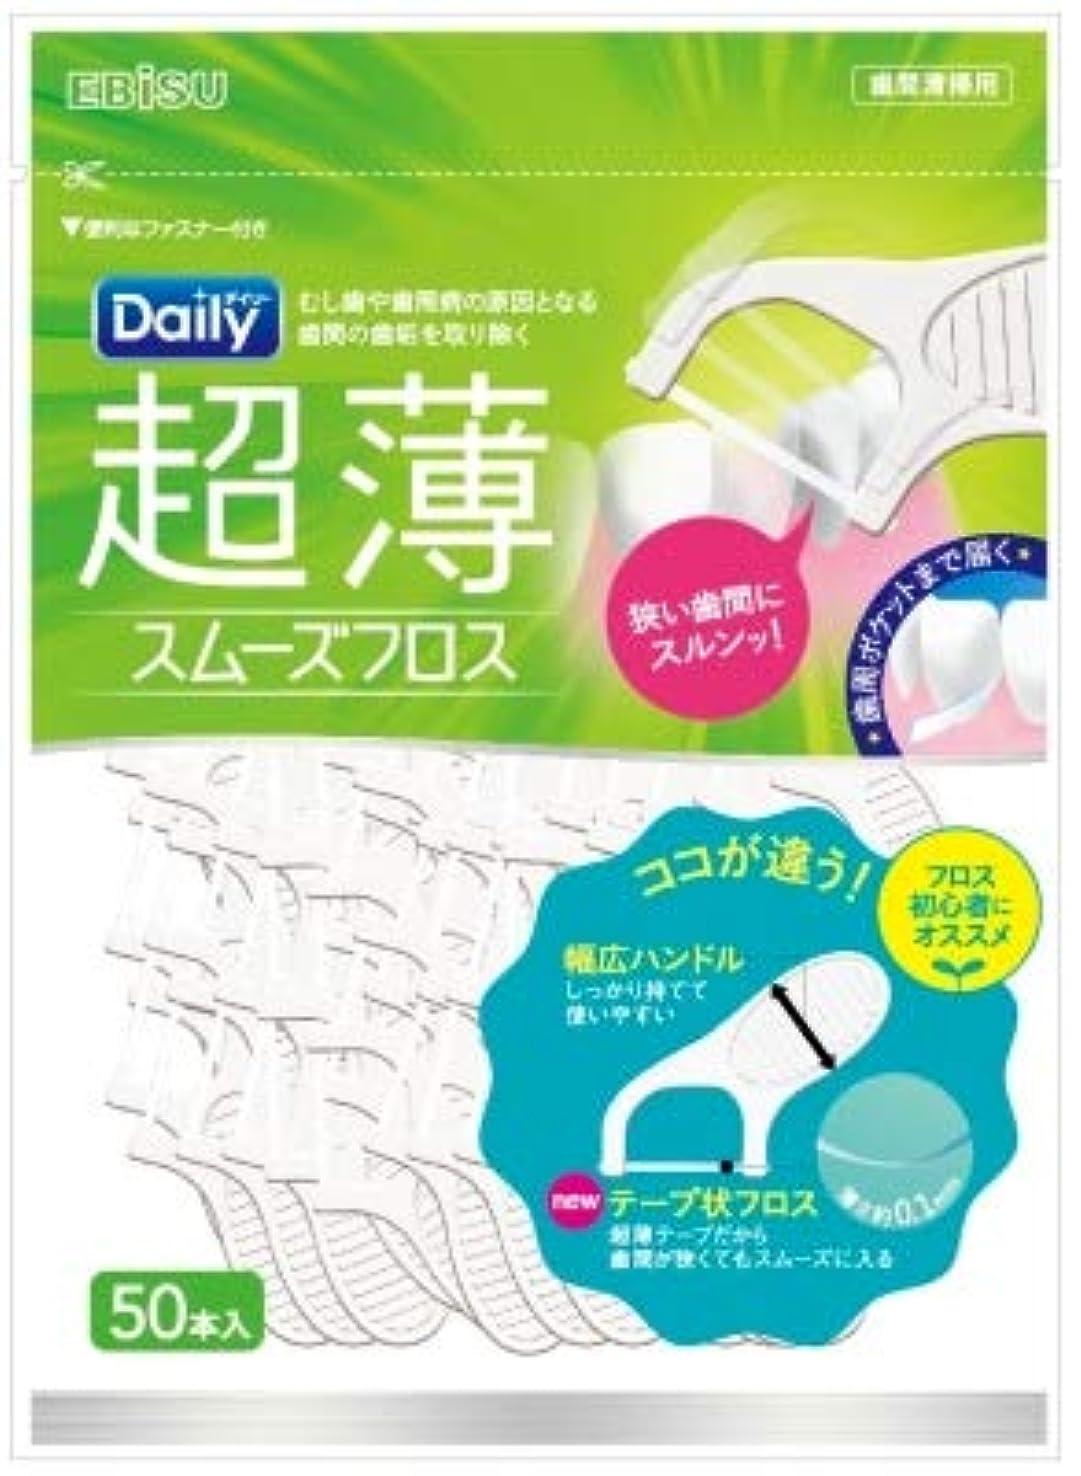 普遍的なシルク同意する【まとめ買い】デイリー超薄スムーズフロス 50本入 ×3個